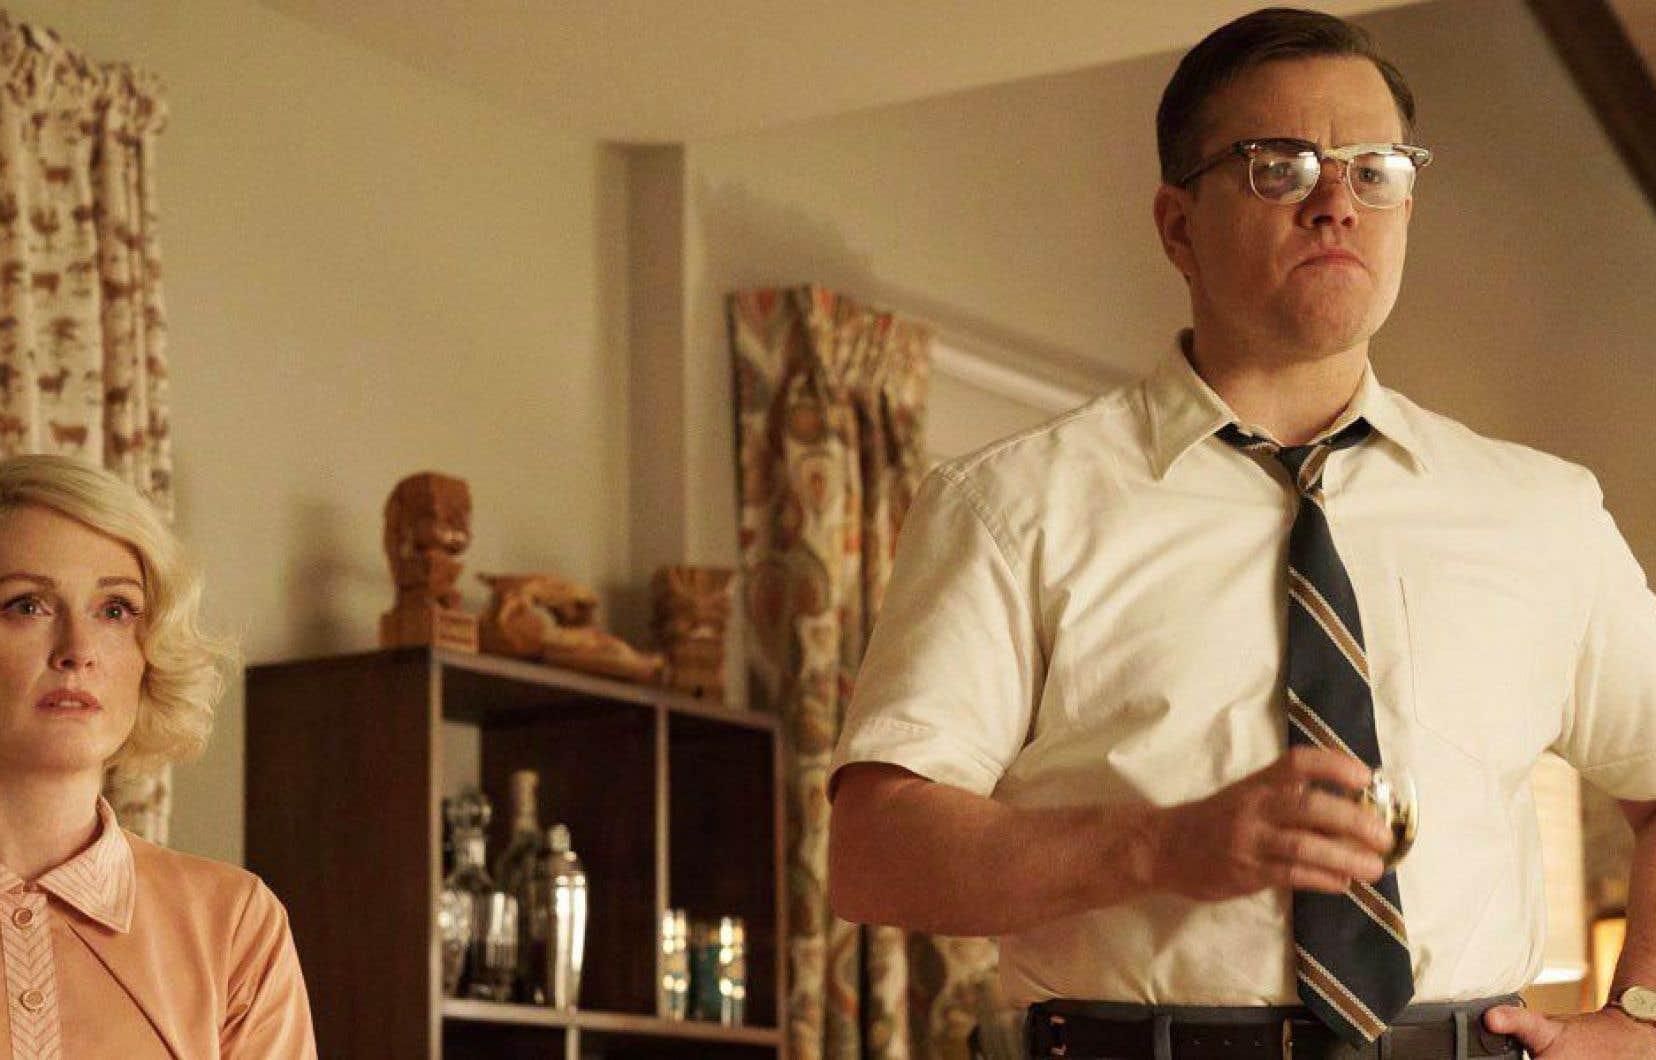 Un des incontournables : Suburbicon, le film de George Clooney sur un scénario des frères Coen. Julianne Moore et Matt Damon y tiennent l'affiche.